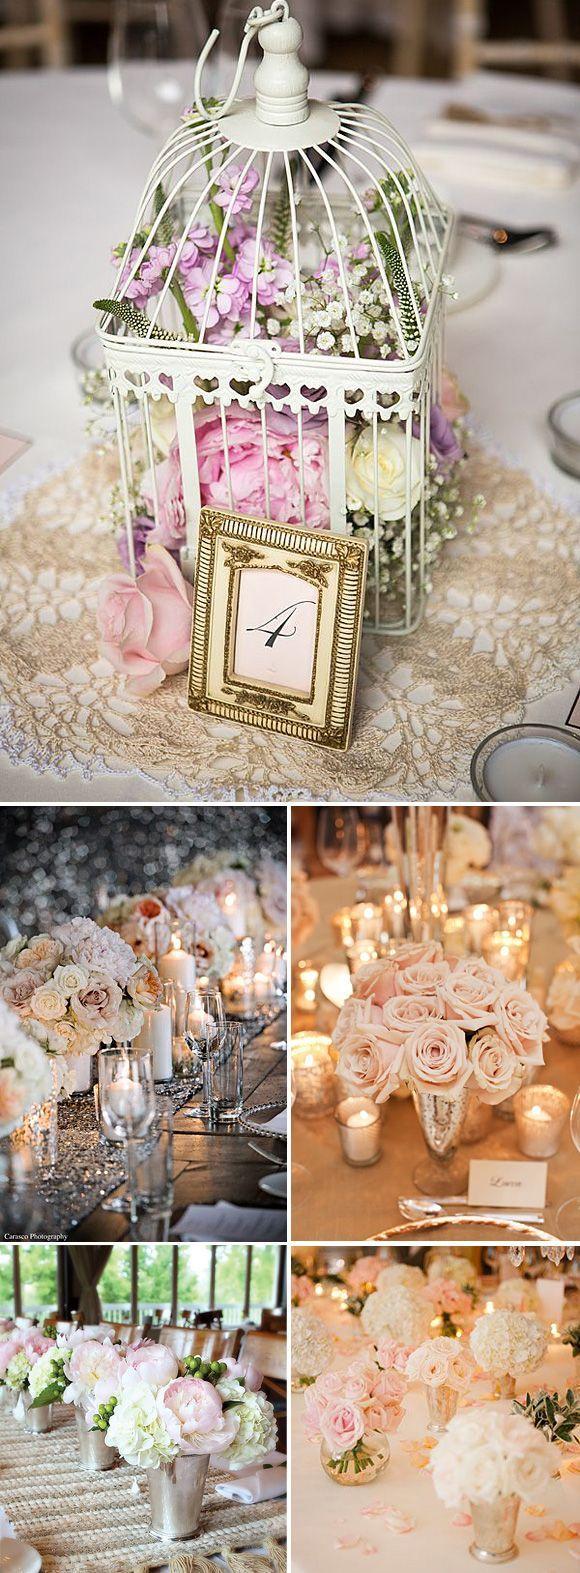 Boda m s rom ntica con numerosas ideas creativas bodas for Decoracion boda romantica